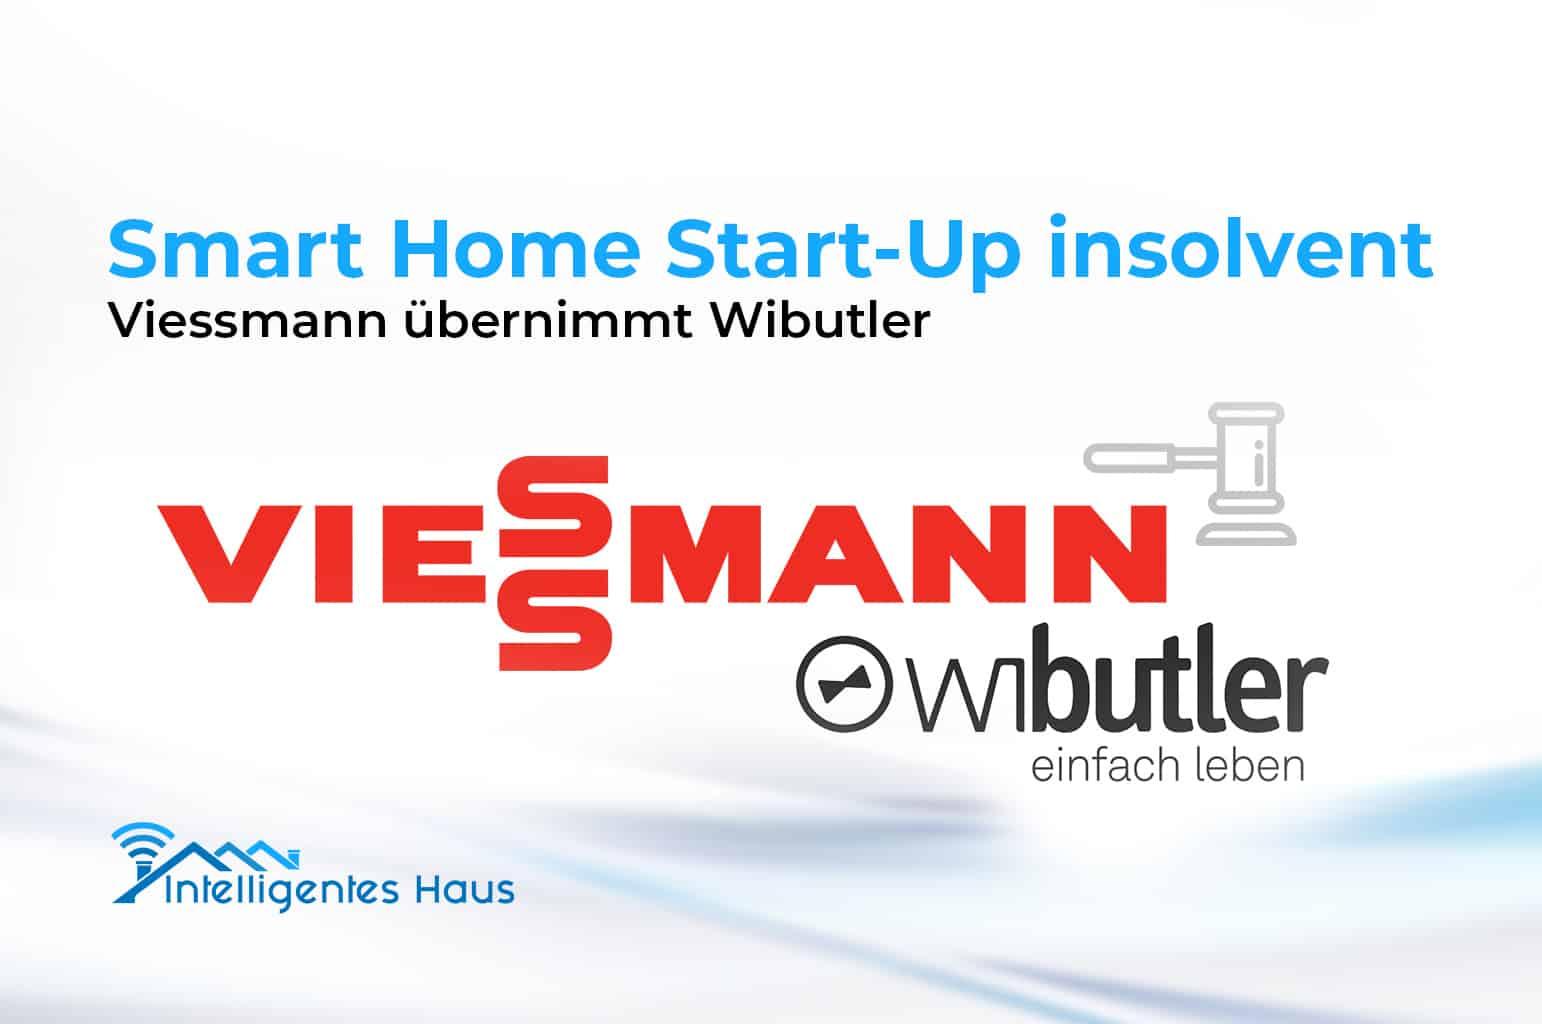 wibutler insolventes smart home start up von viessmann. Black Bedroom Furniture Sets. Home Design Ideas